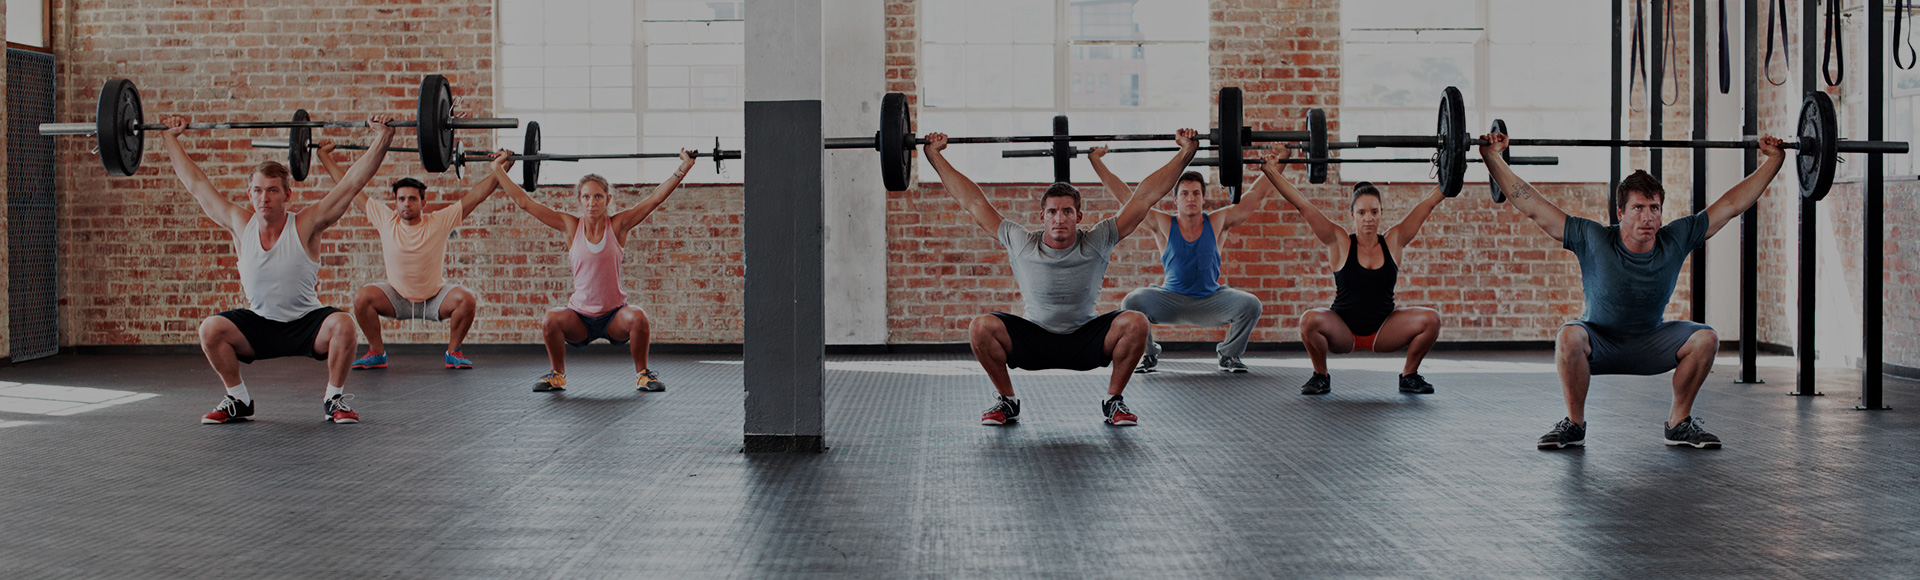 CrossFit pesas